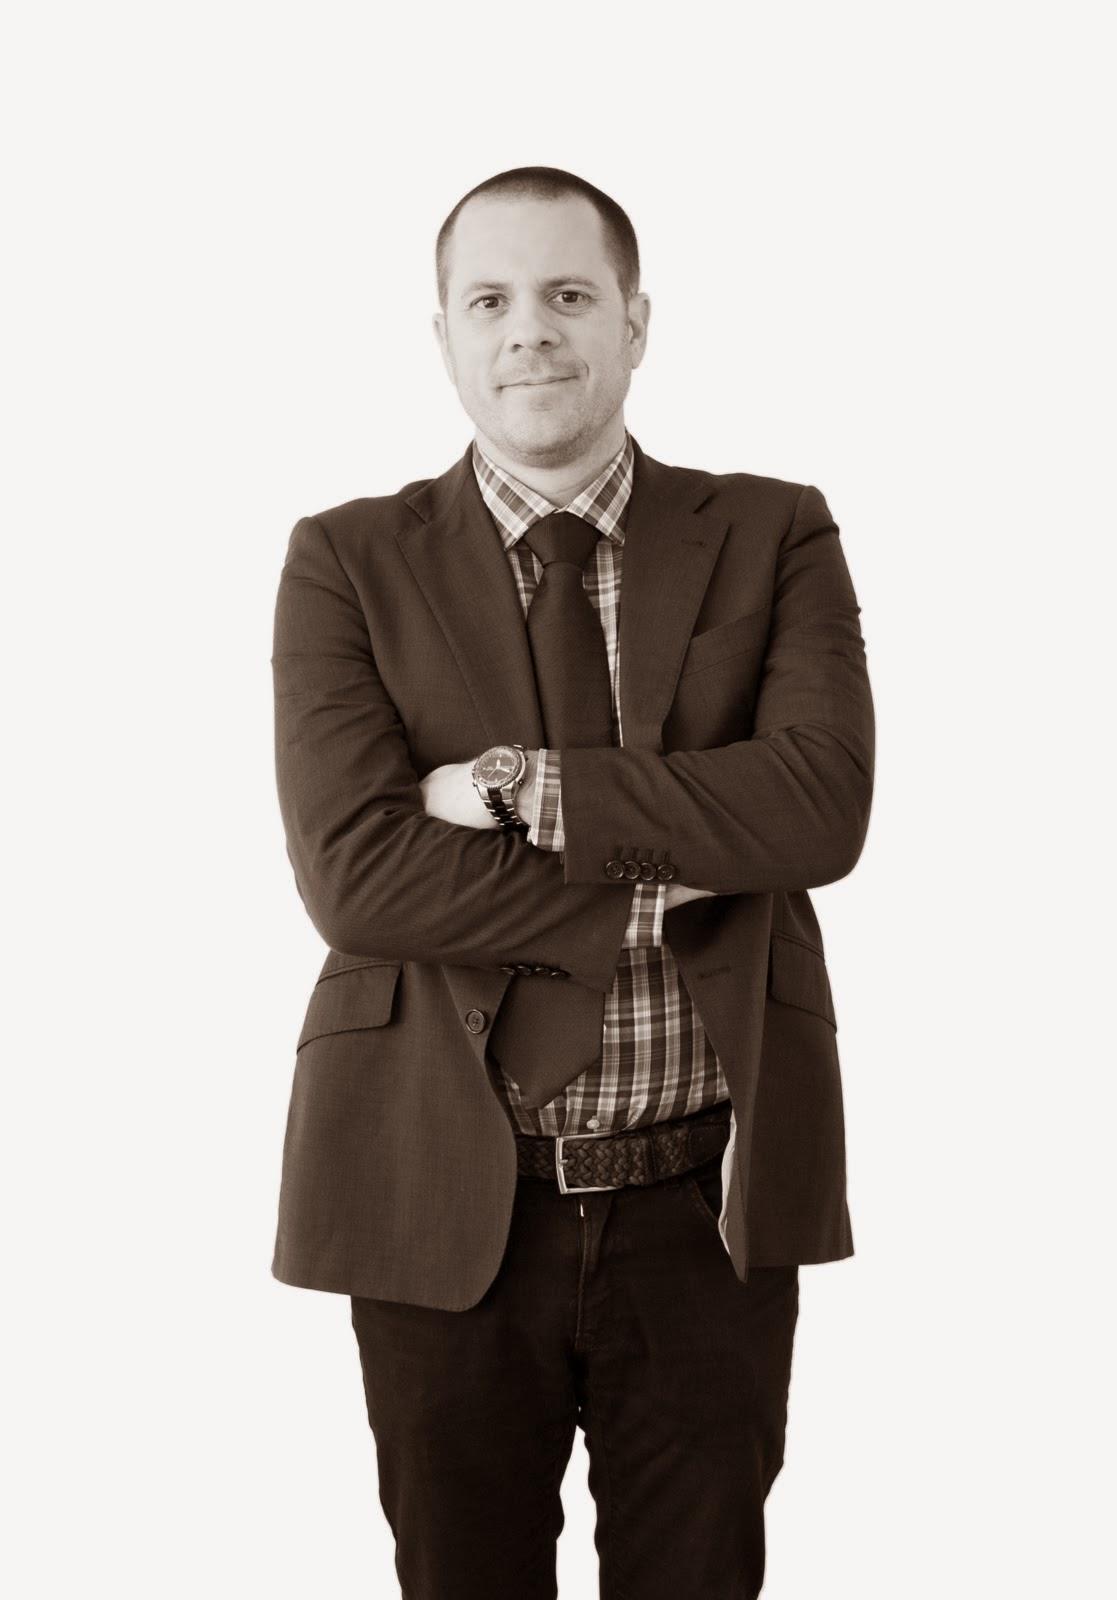 Joakim Thorén